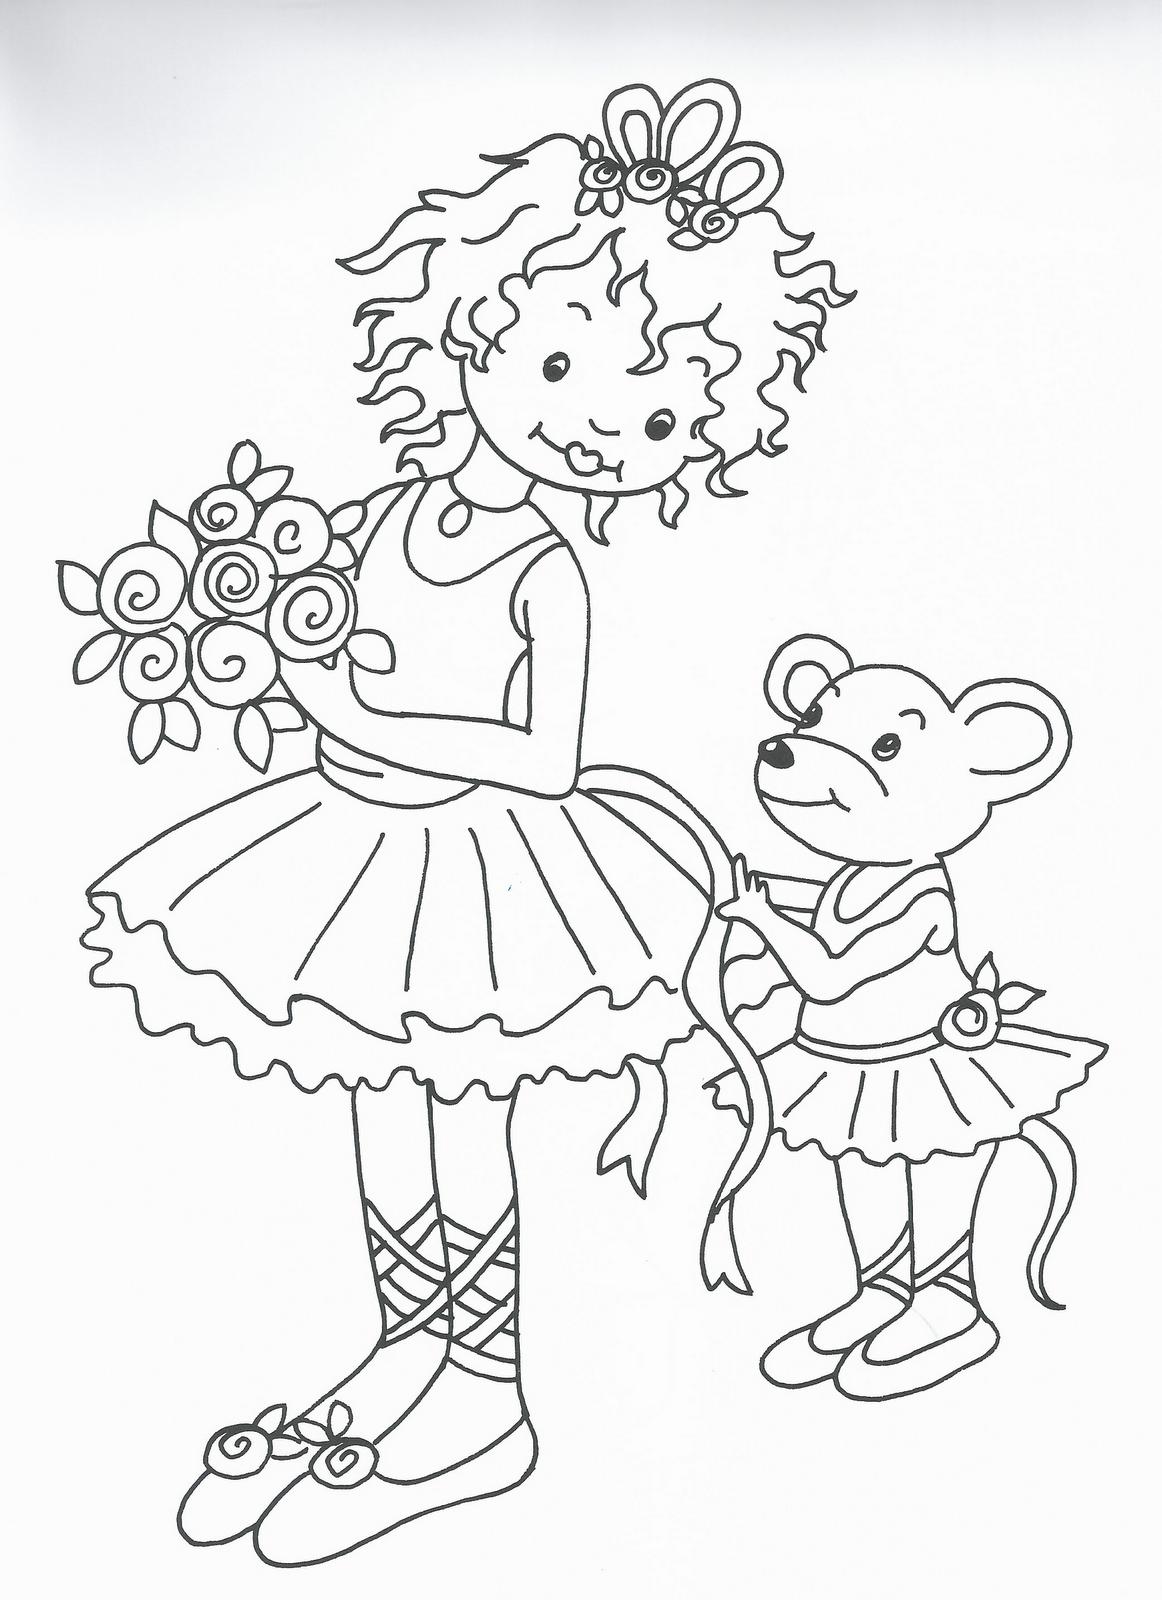 Disegni da colorare principesse e ballerine for Disegni da colorare di case